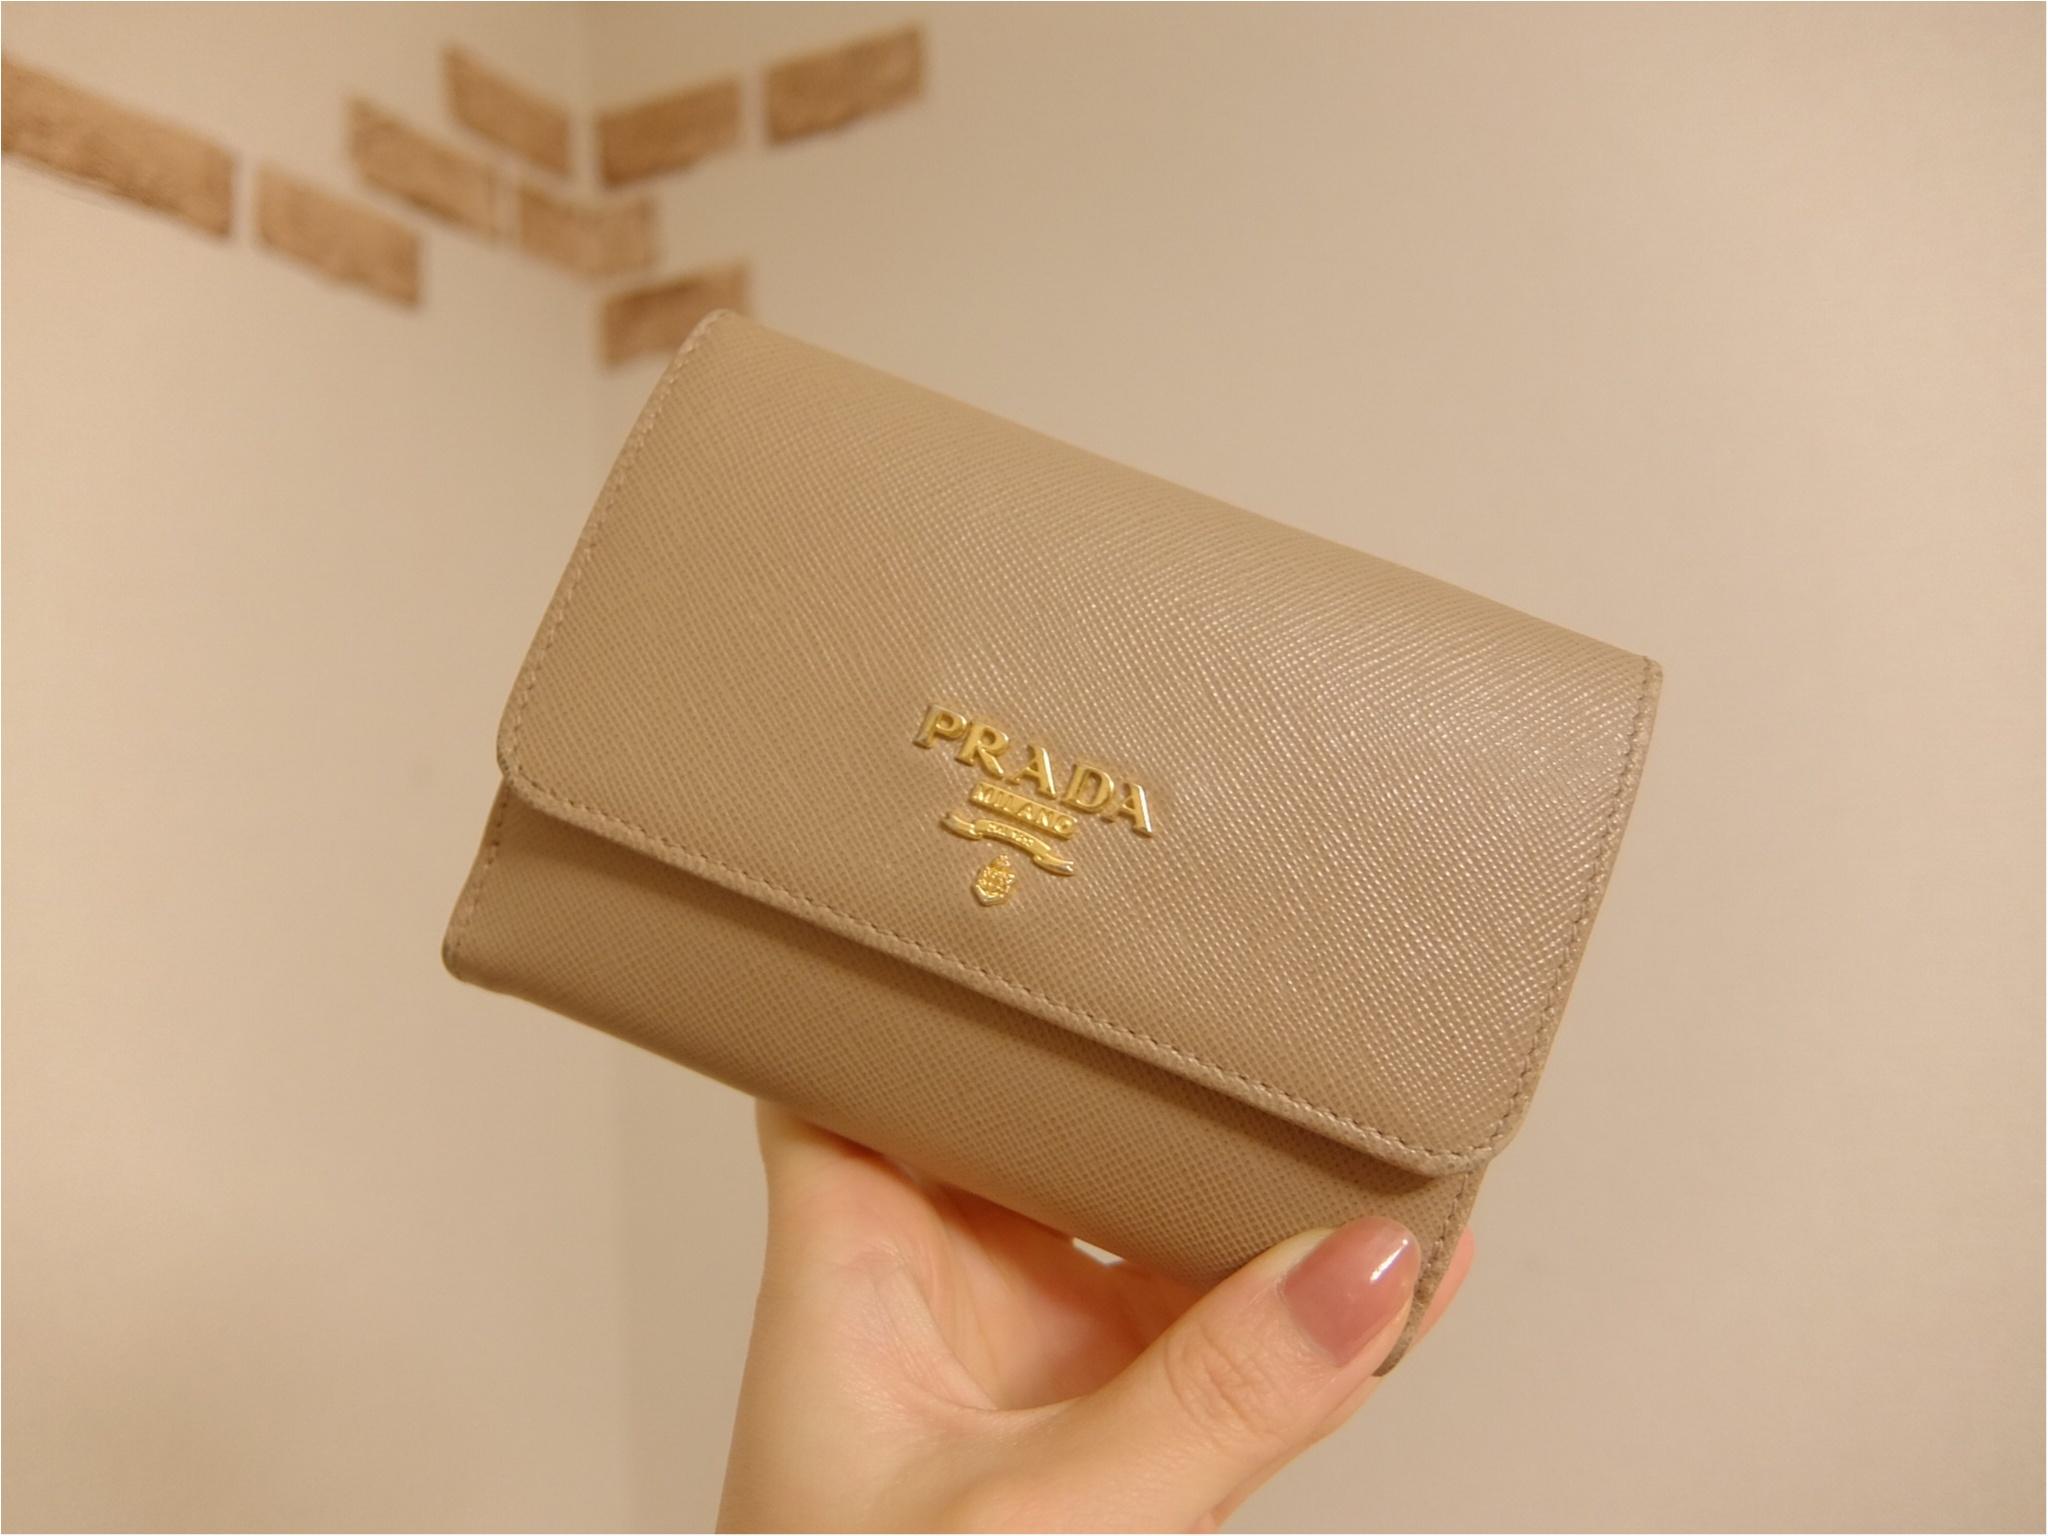 hot sale online 02743 0e6a9 愛用財布は【PRADA】♡二つ折り派さん必見の≪カード収納術≫も ...